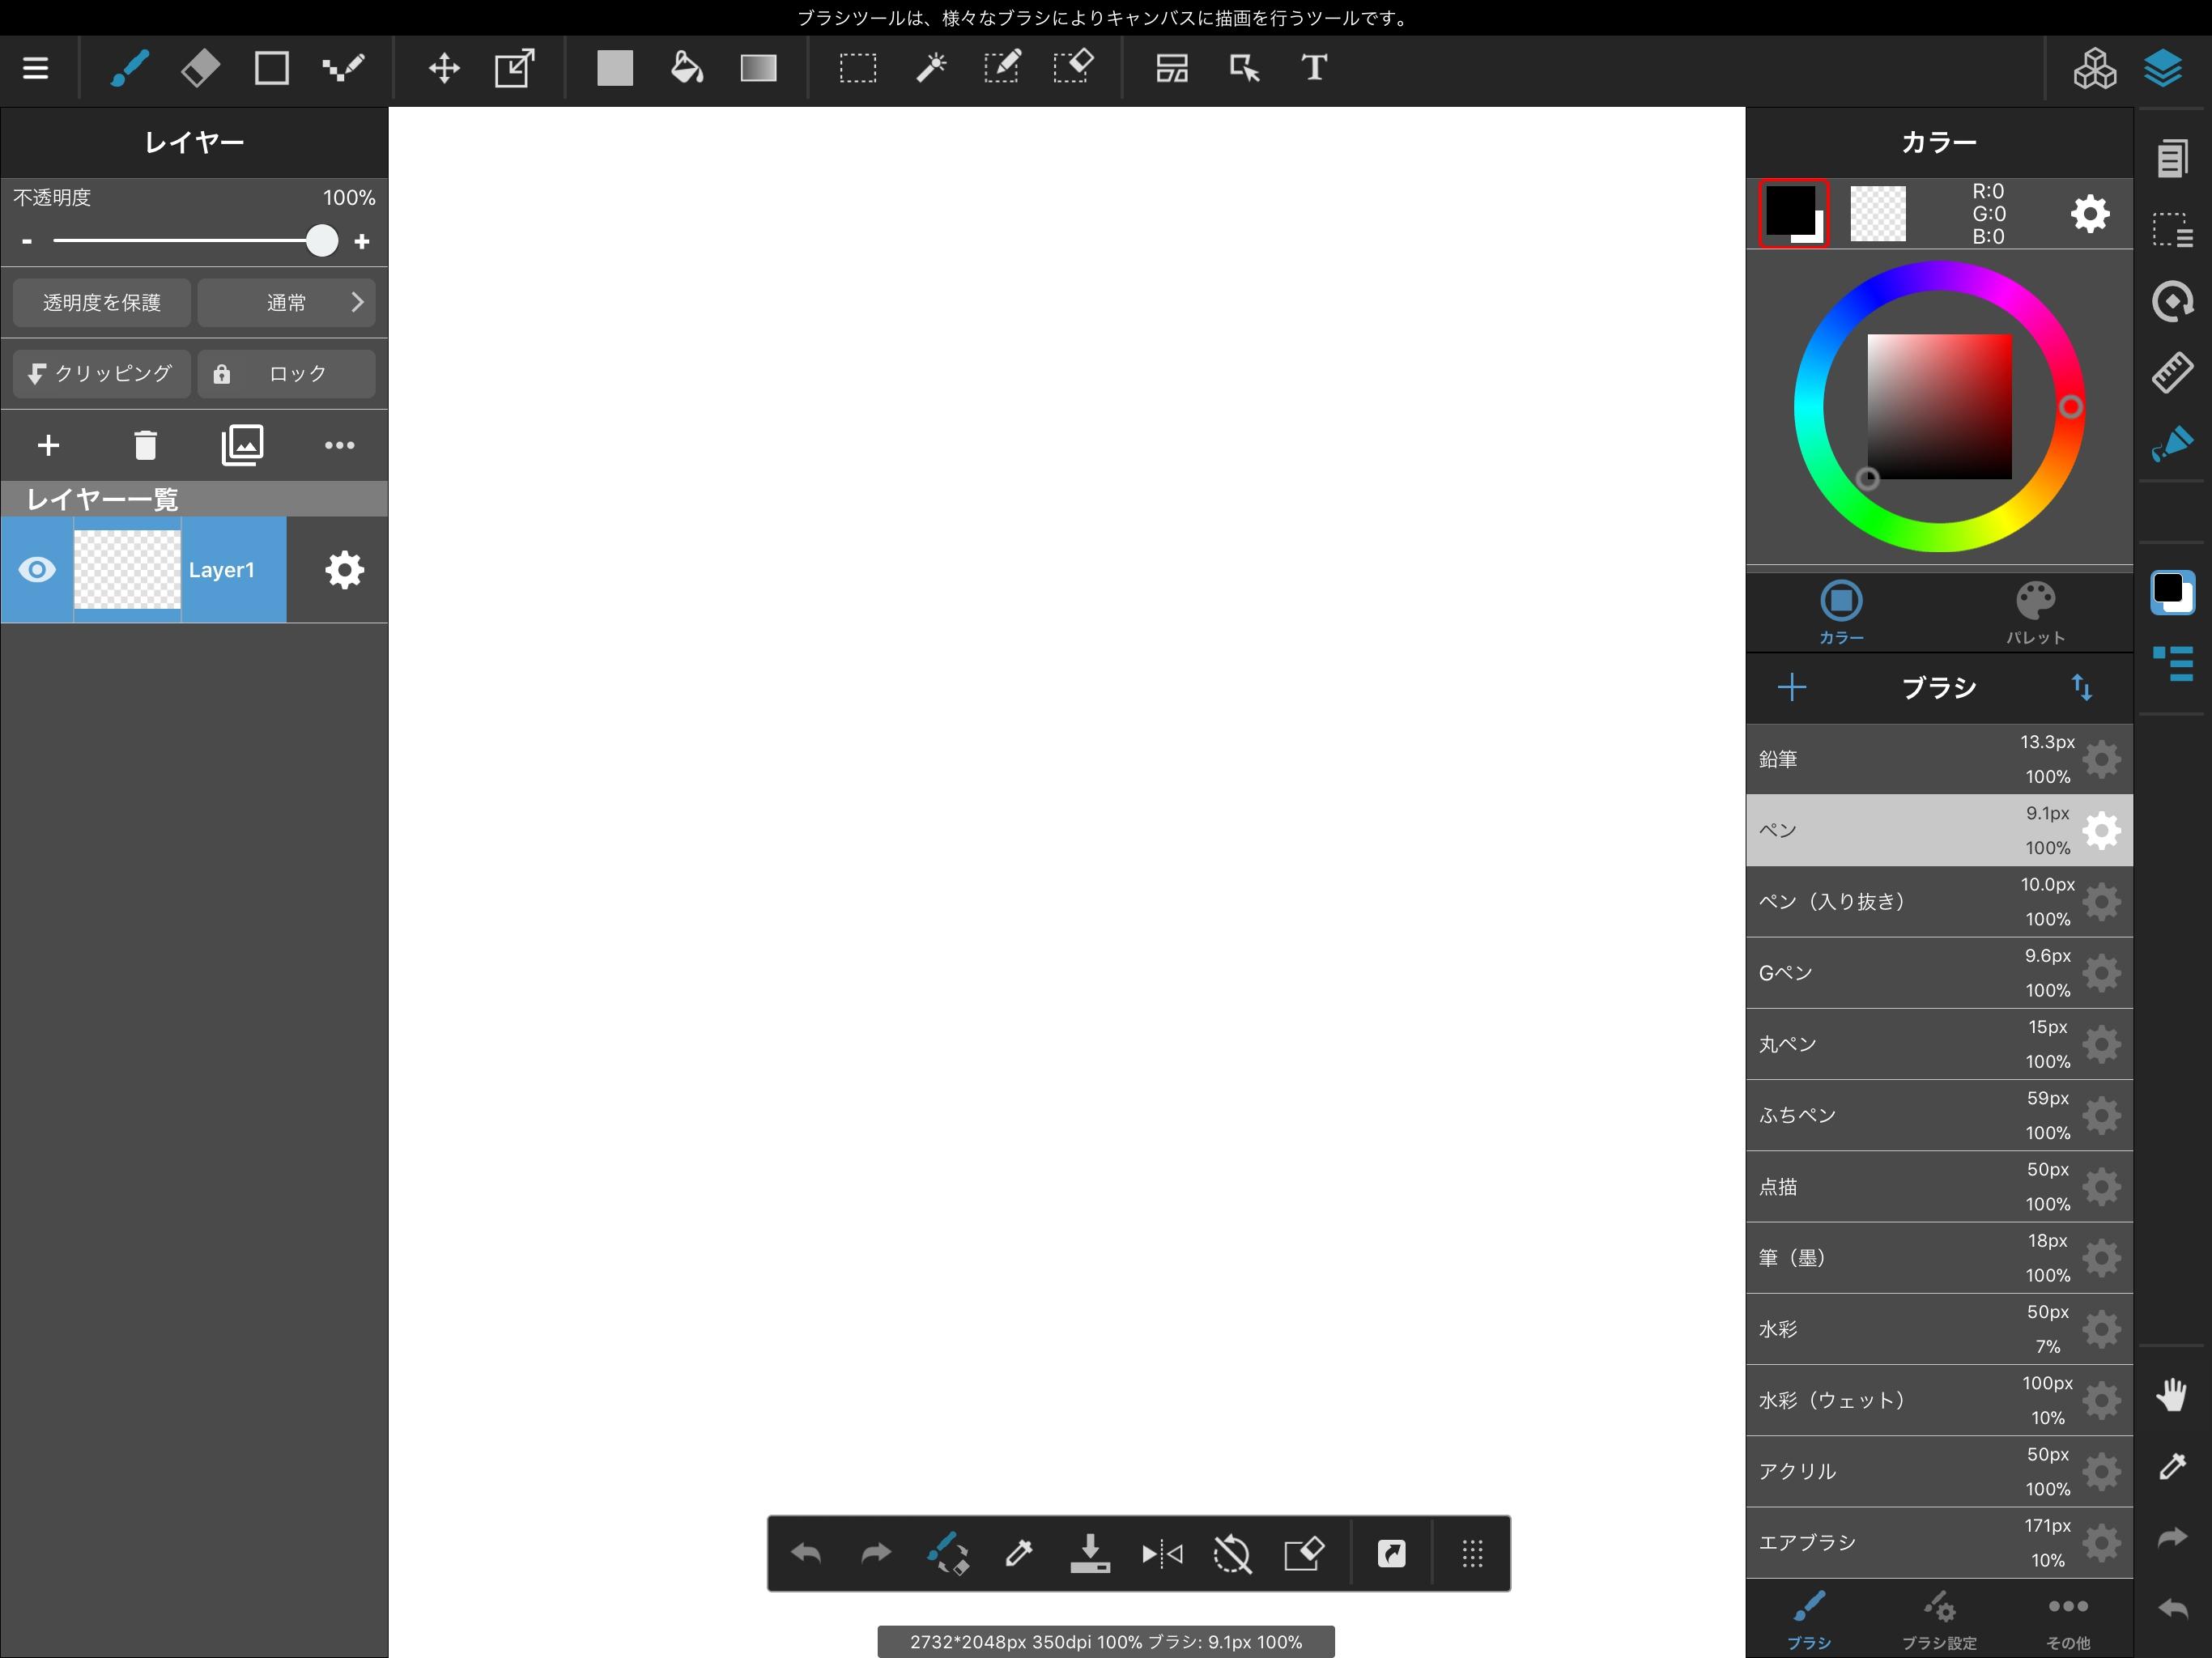 색상 메뉴가 오른쪽에 표시되는 화면